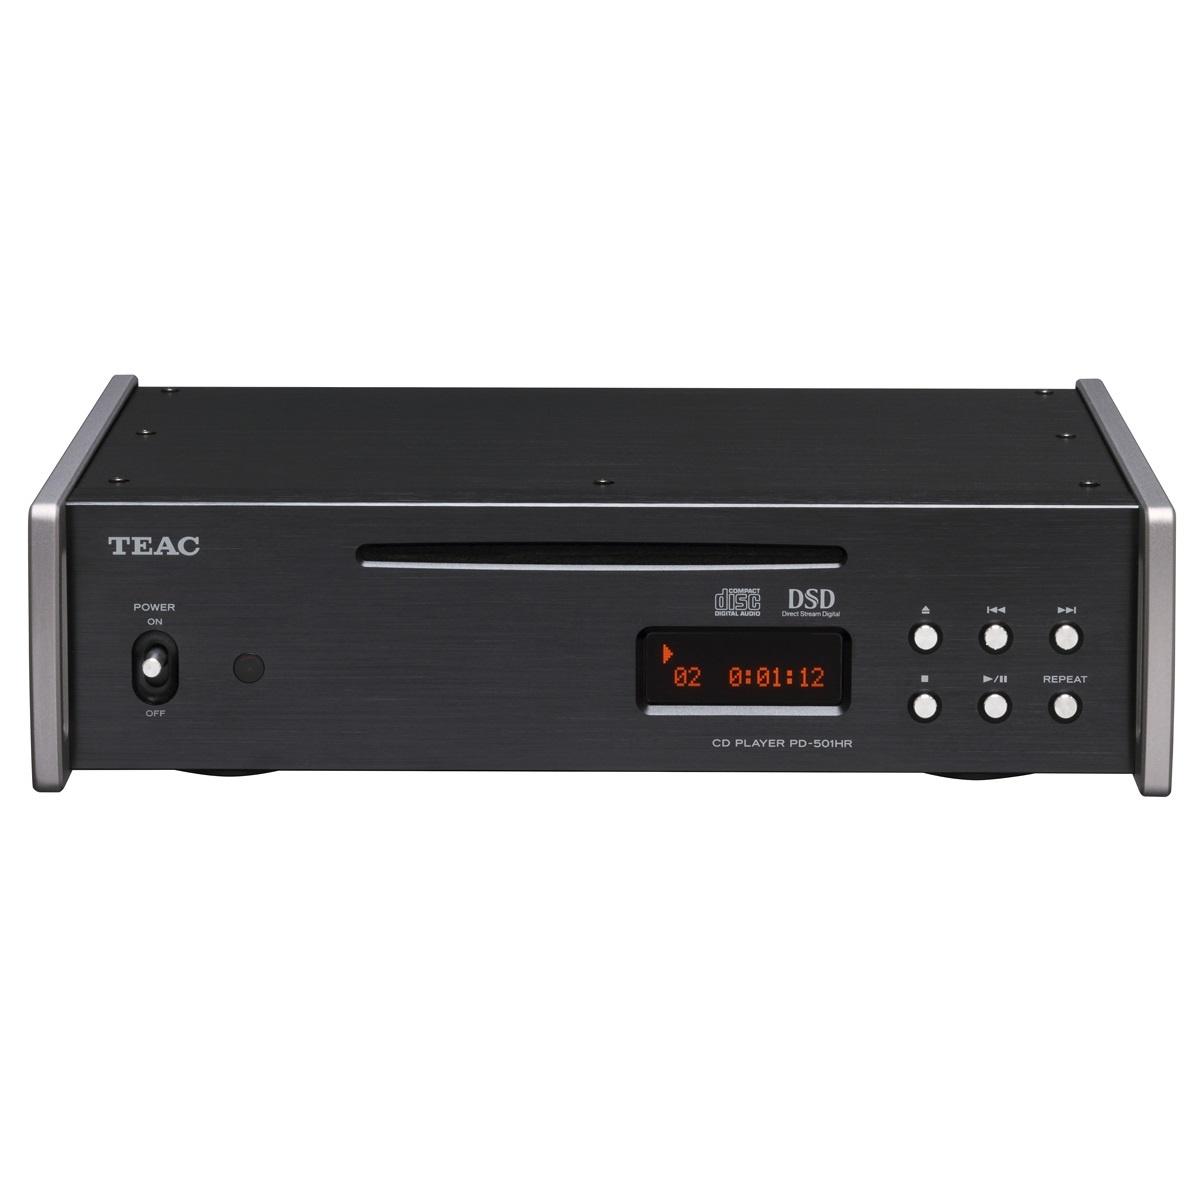 TEAC PD-501HRS CD Player